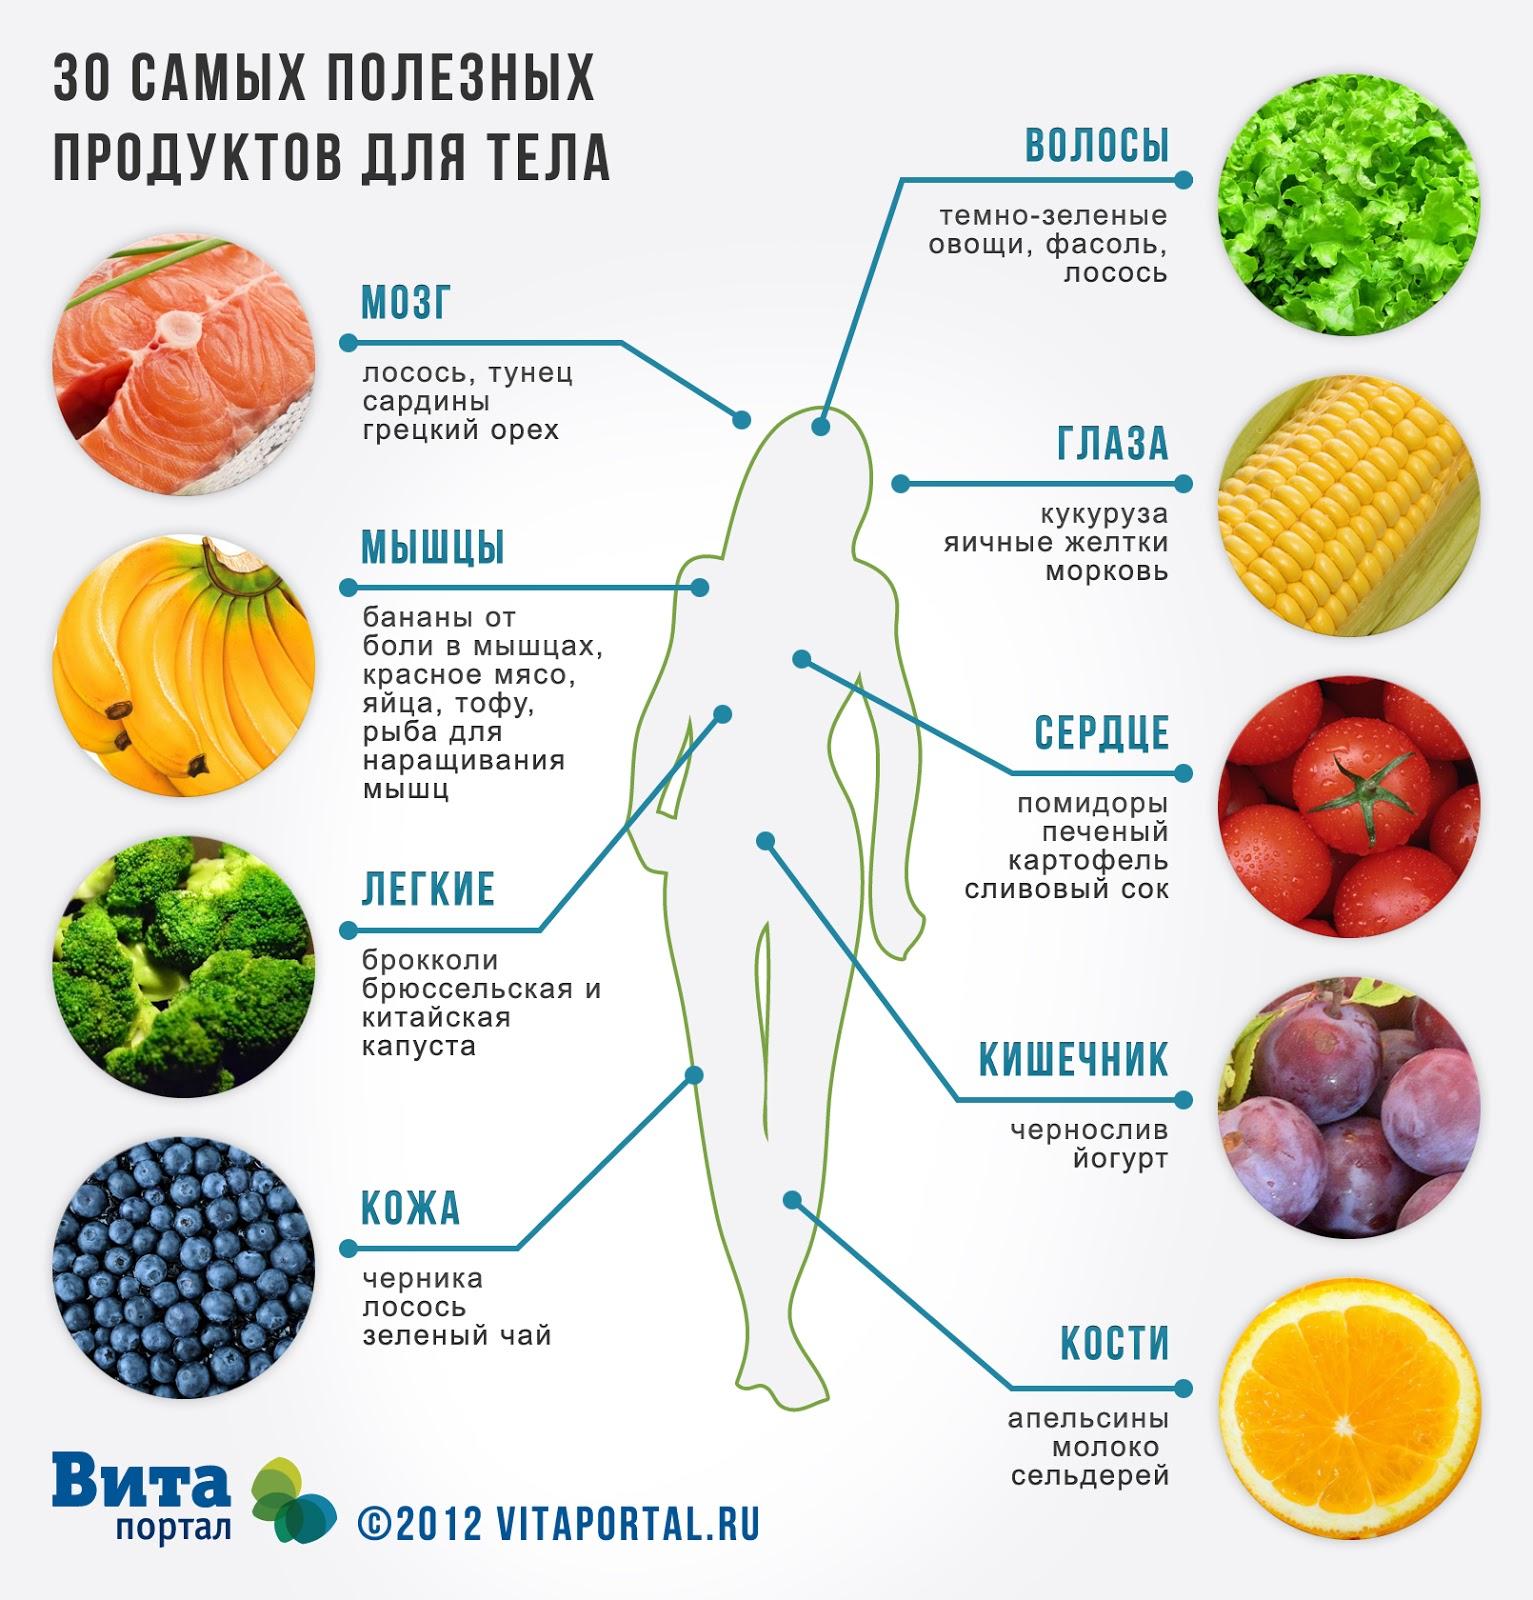 Здоровое питание главные принципы w